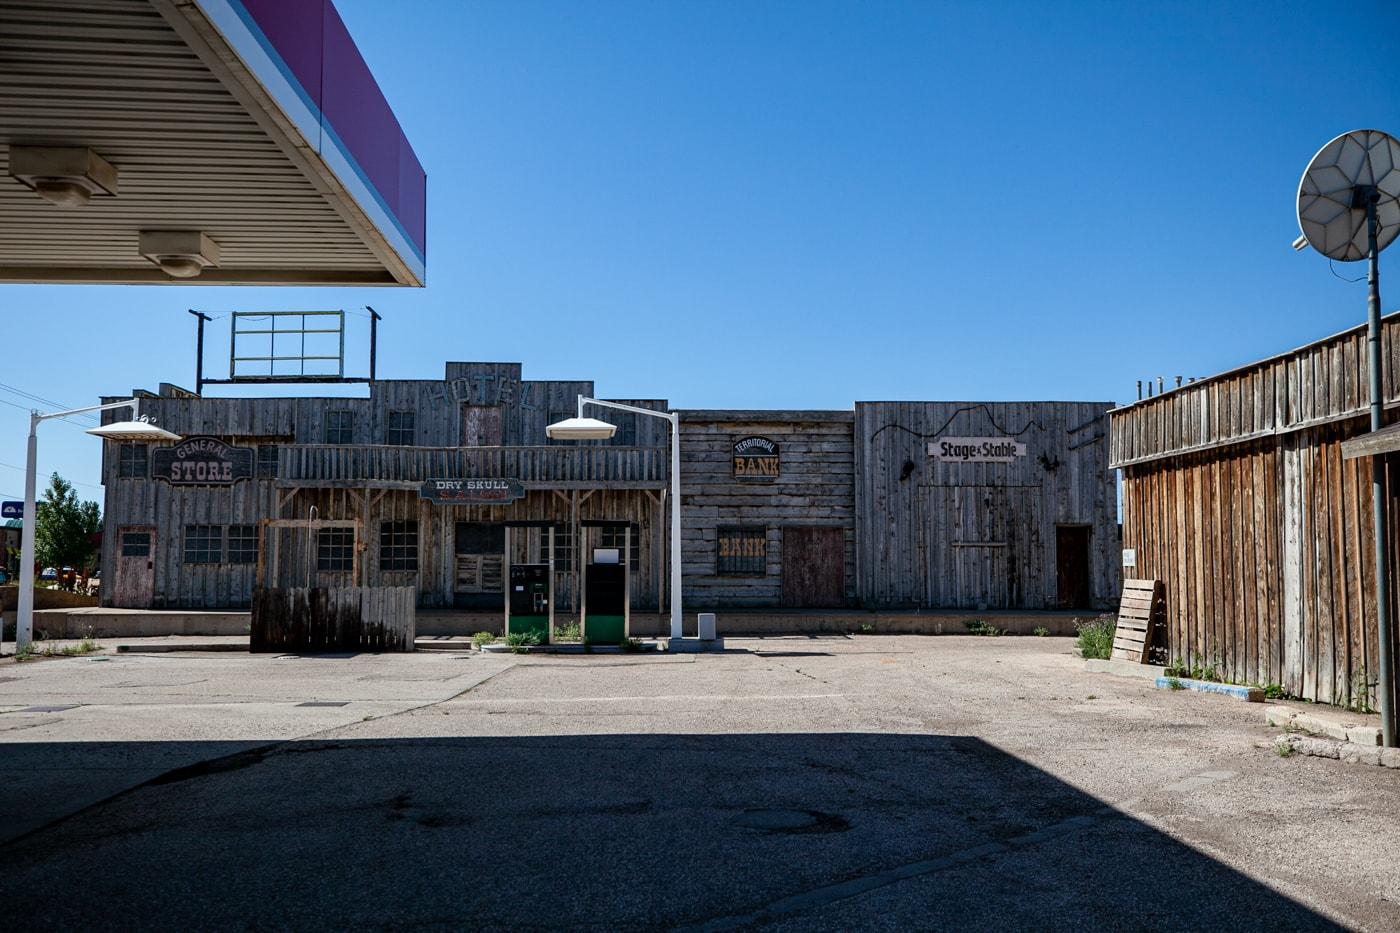 Gunslinger 66: Tumbleweed Gas Station Town in Laramie, Wyoming